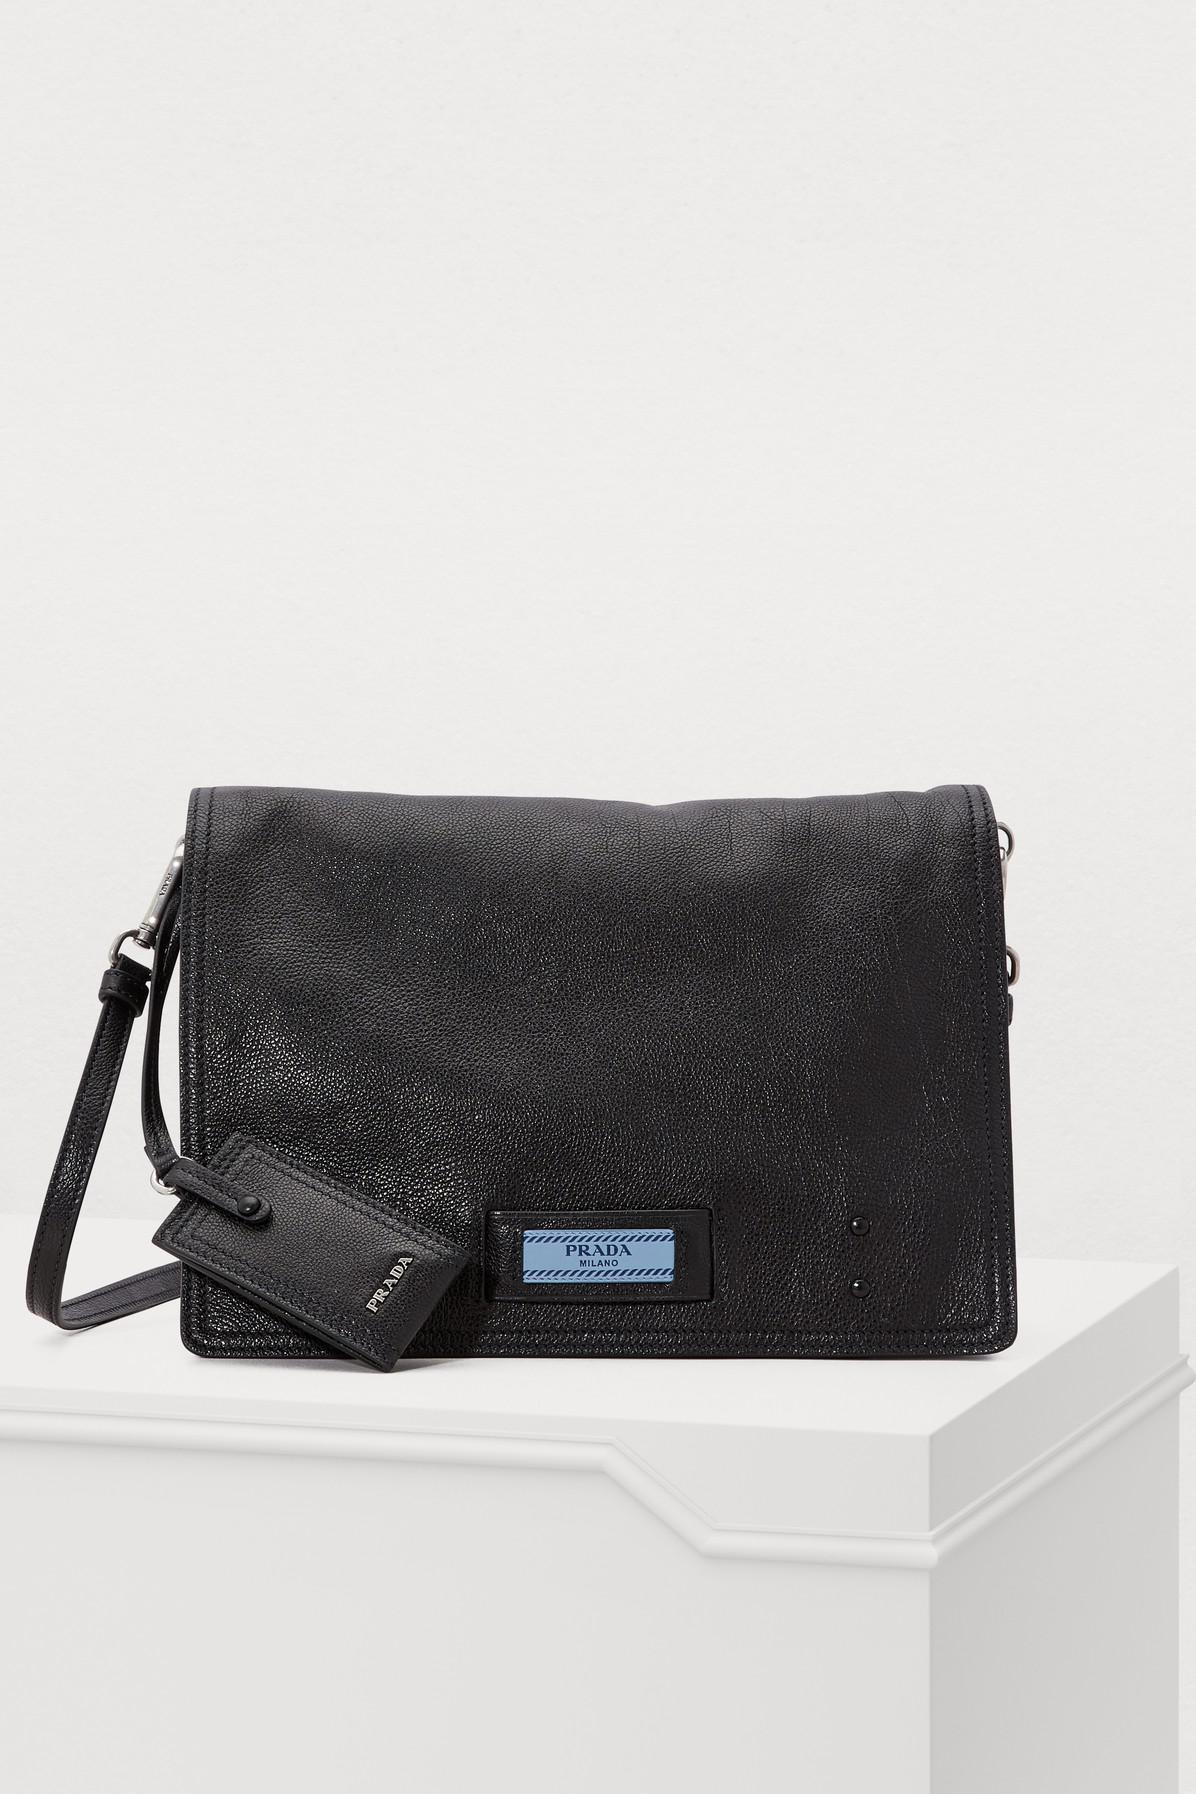 96d2d9c3fc49 Prada - Black Etiquette Shoulder Bag - Lyst. View fullscreen